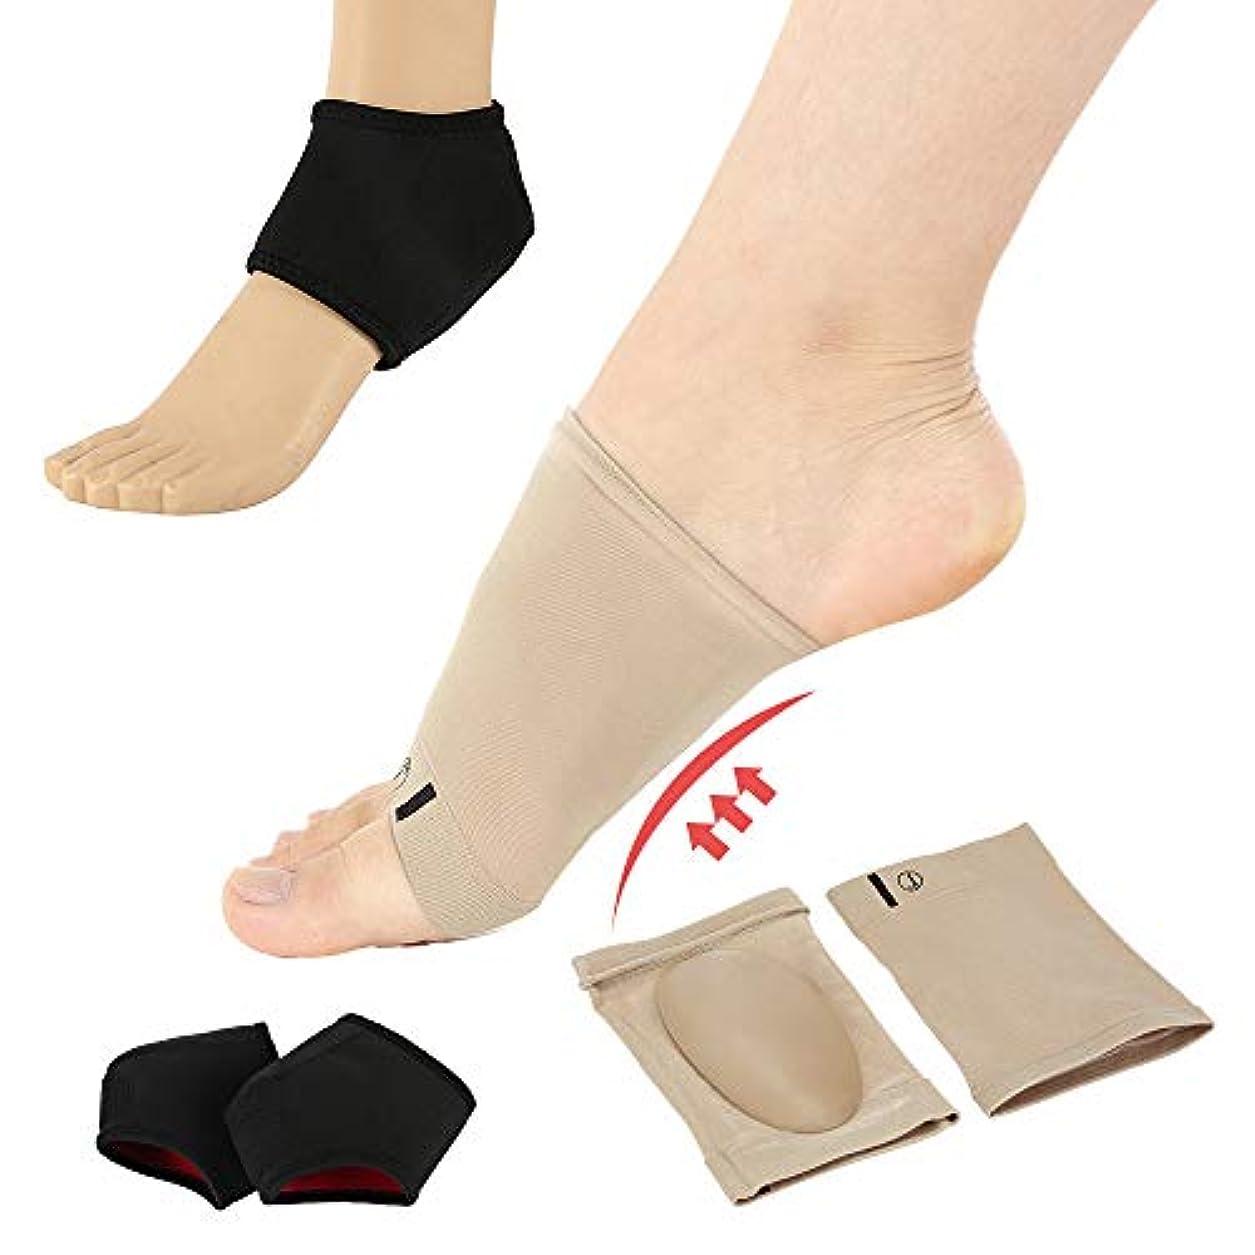 演劇冷酷な落胆するThatboyjp 足首サポート 足首ブレース 足底筋膜炎 足の痛み解消 サイズ調整可能 アーチサポーター シリコン素材 足の痛み防止 足裏 フリーサイズ 男女兼用